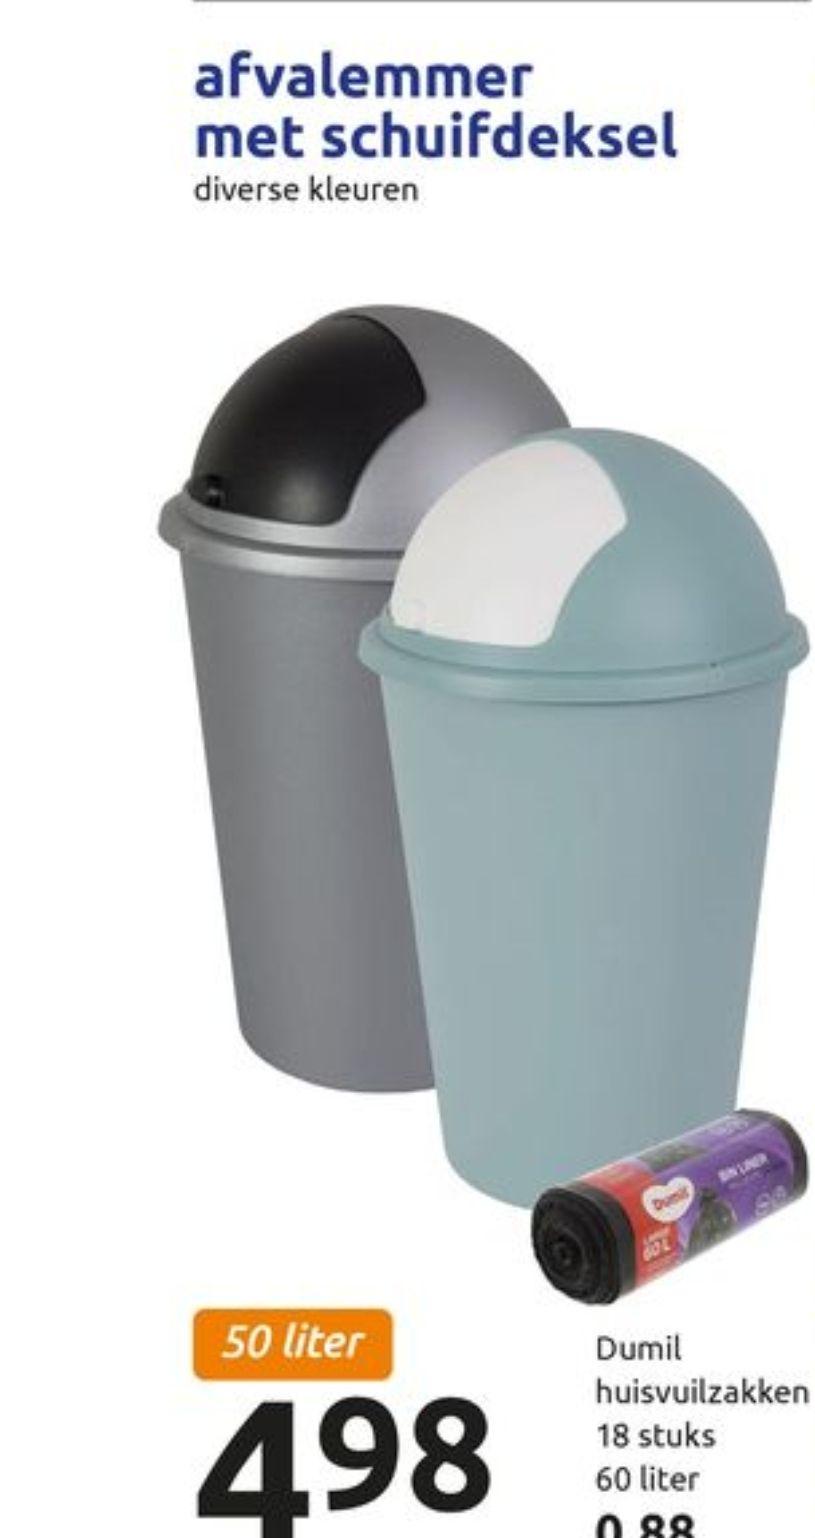 Afvalemmer met schuifdeksel 50 liter (action)